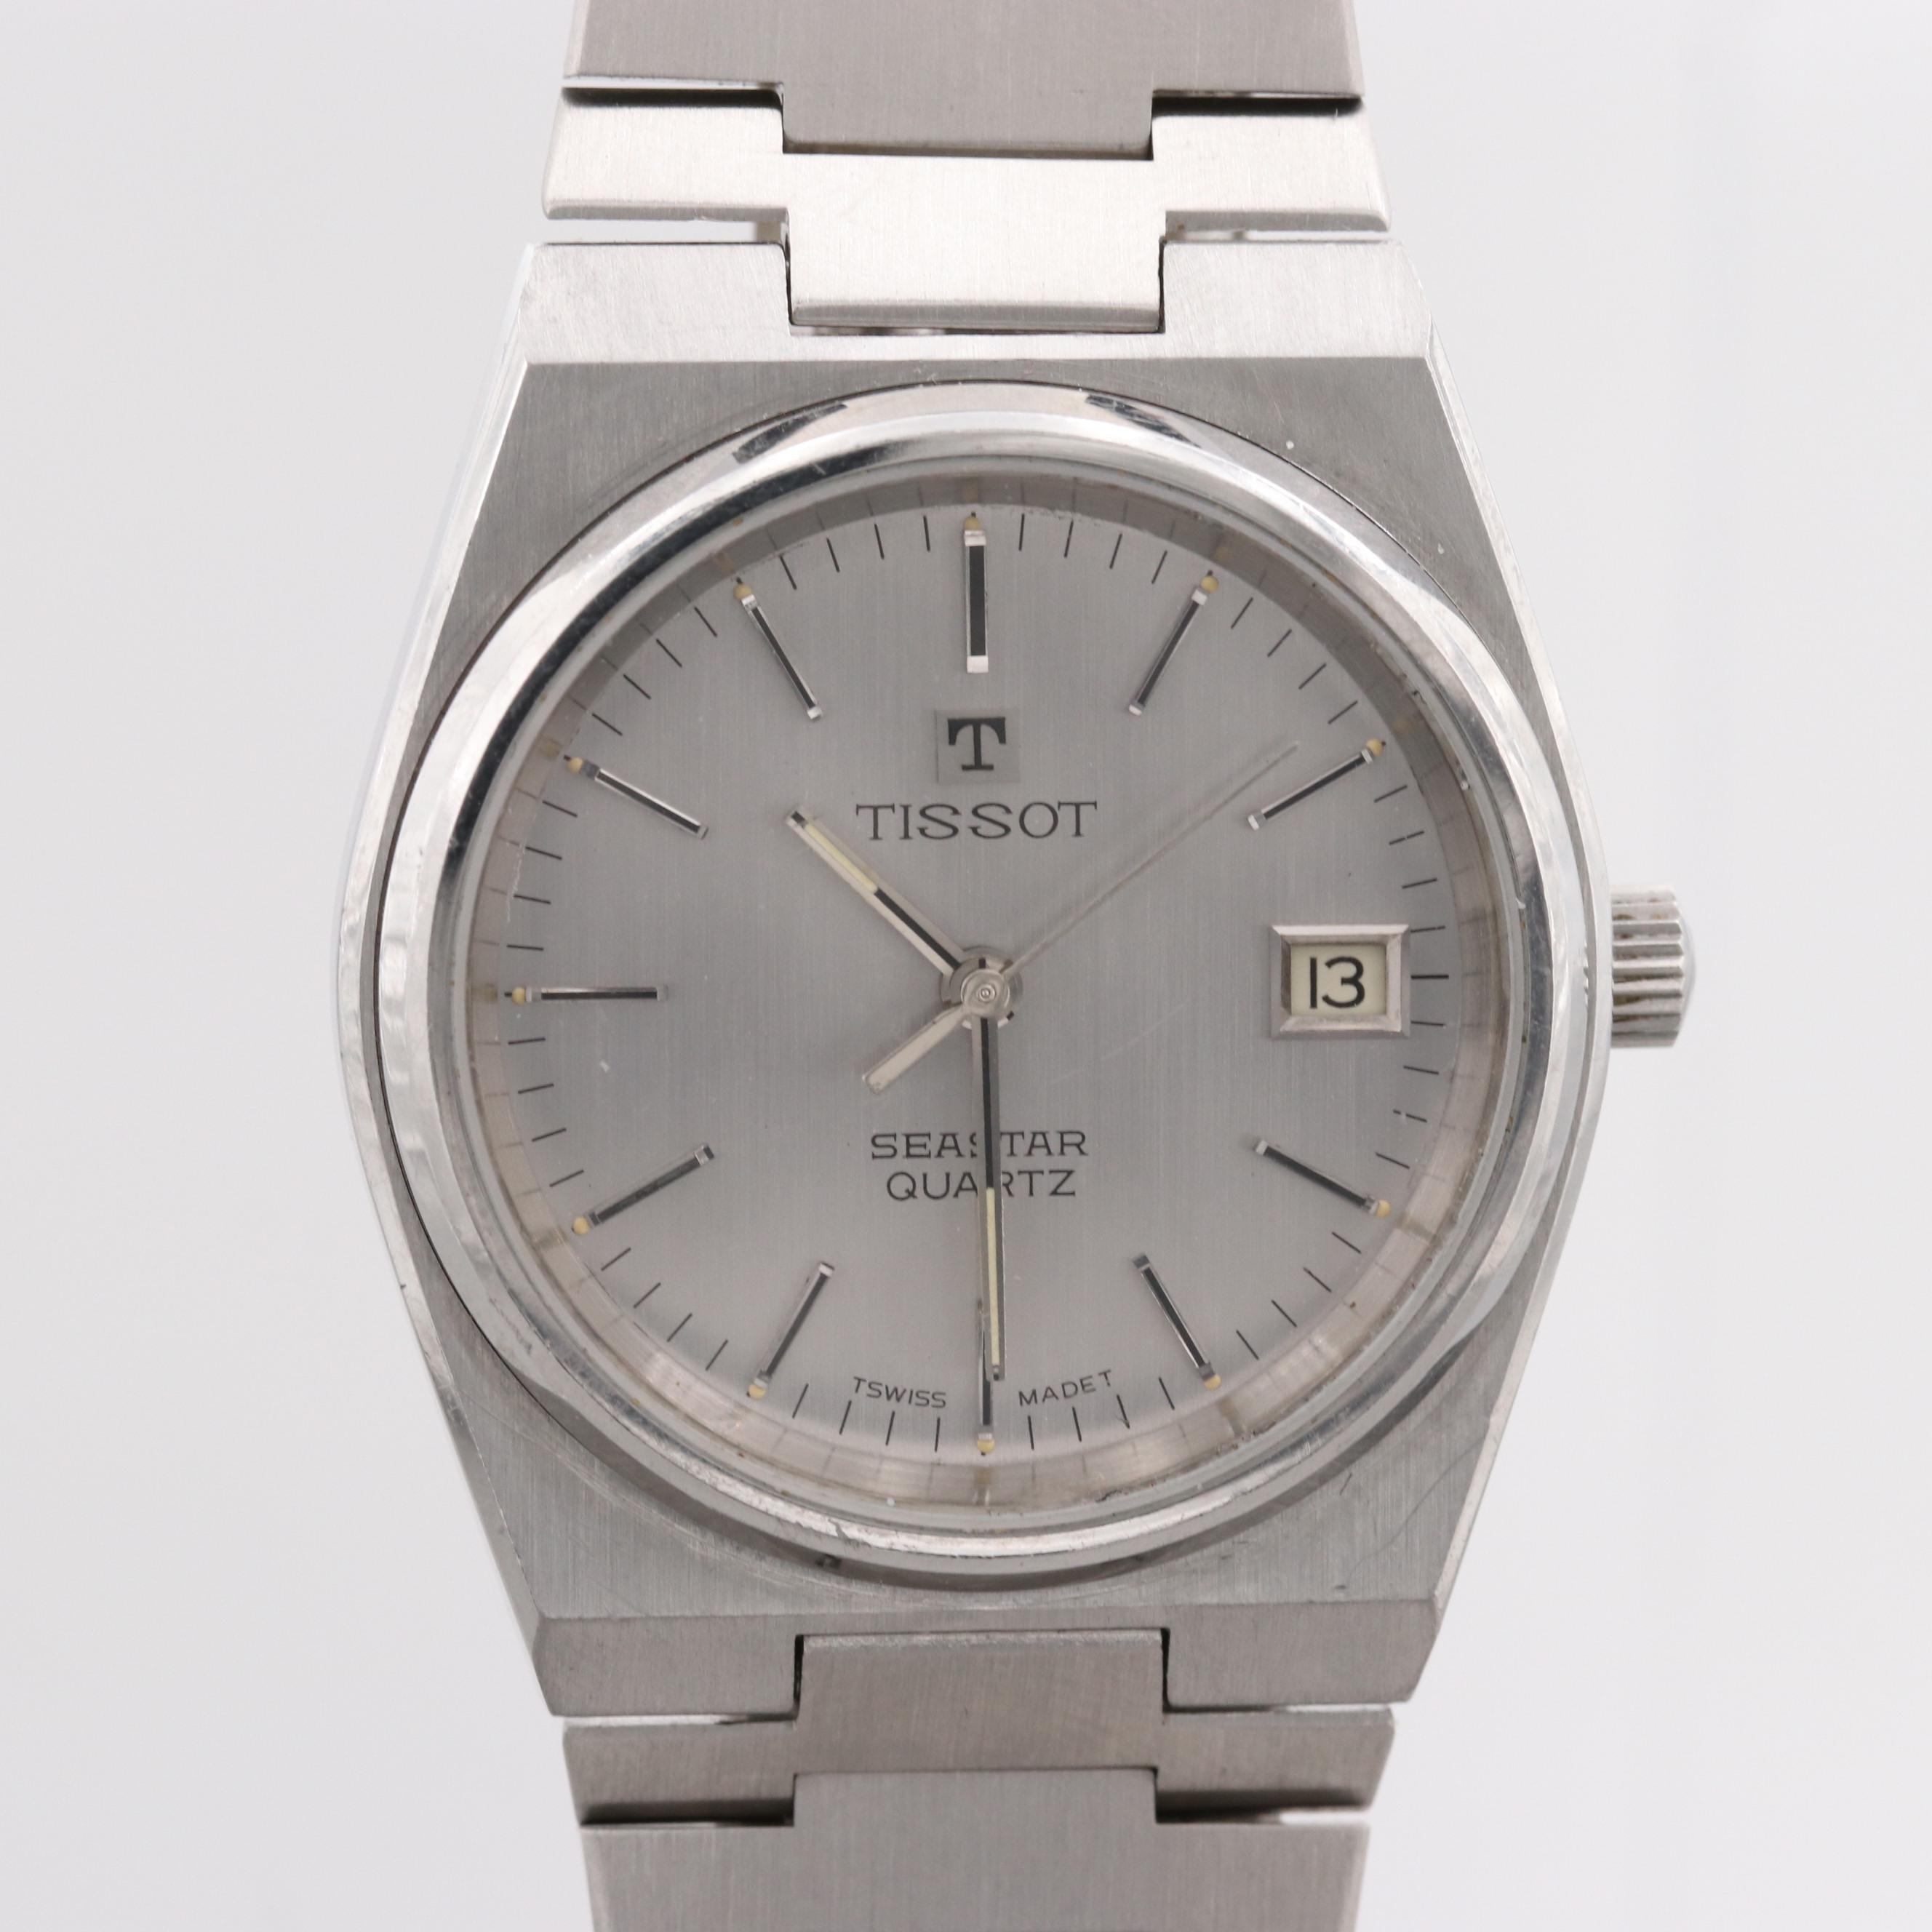 Vintage Tissot Seastar Stainless Steel Quartz Wristwatch